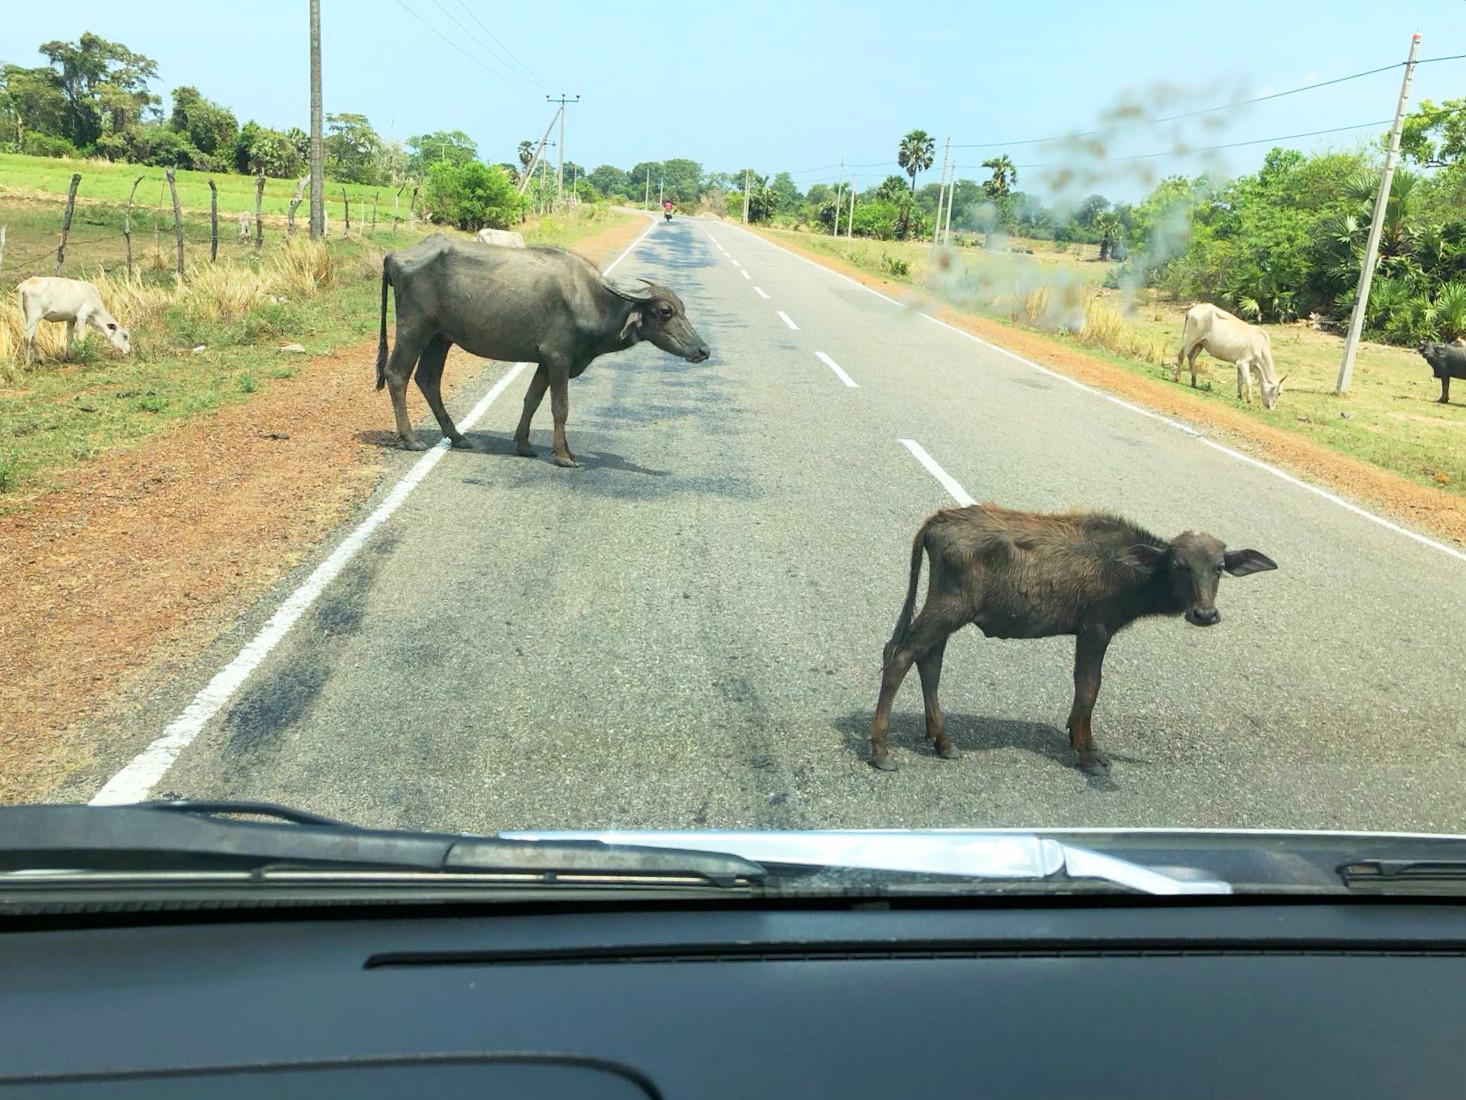 Kühe sind in Sri Lanka ernstzunehmende Verkehrsteilnehmer. Nur halten sie sich oft nicht an die Regeln....